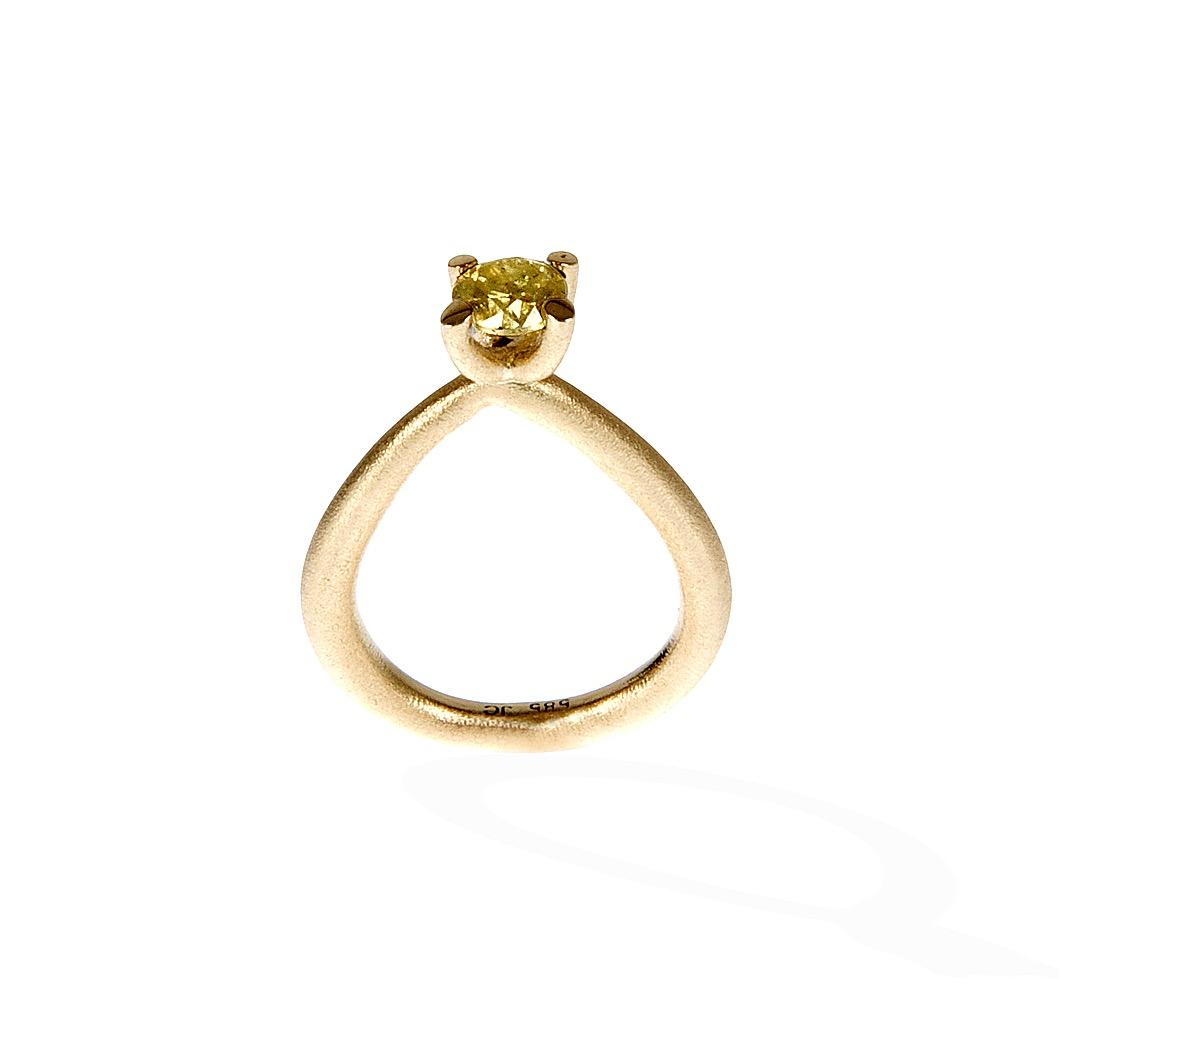 Bestillingsopgave : Tine havde købt en ring med denne smukke gule diamant på auktion på nettet. Jeg smeltede nogle arvede vielsesringe, og lavede en ny rustik, men klassisk ring, til diamanten.